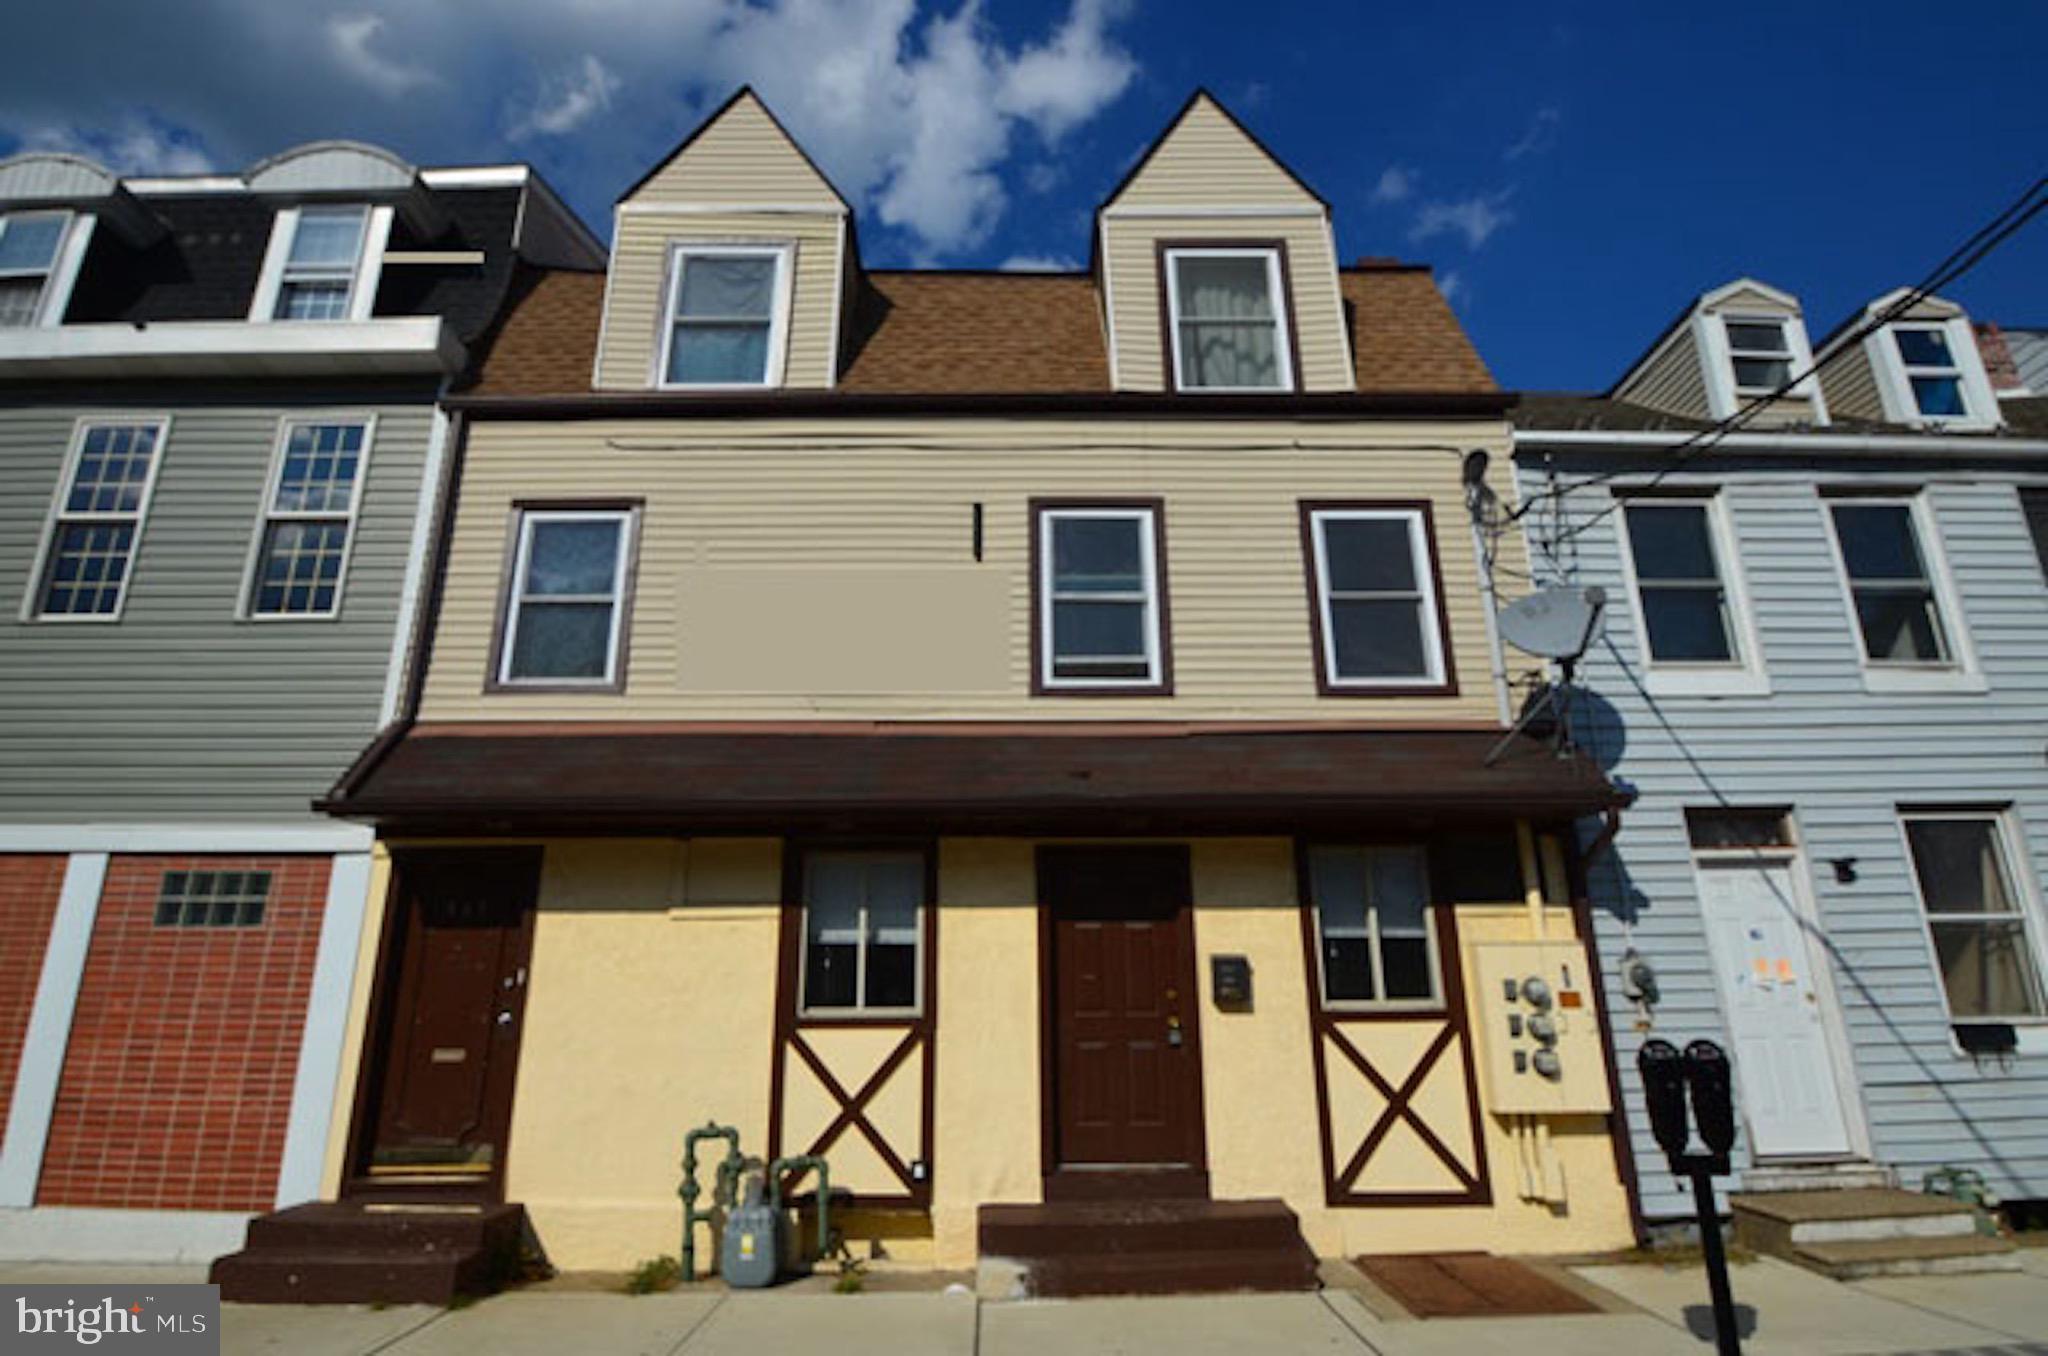 469 S MAIN STREET, PHILLIPSBURG, NJ 08865